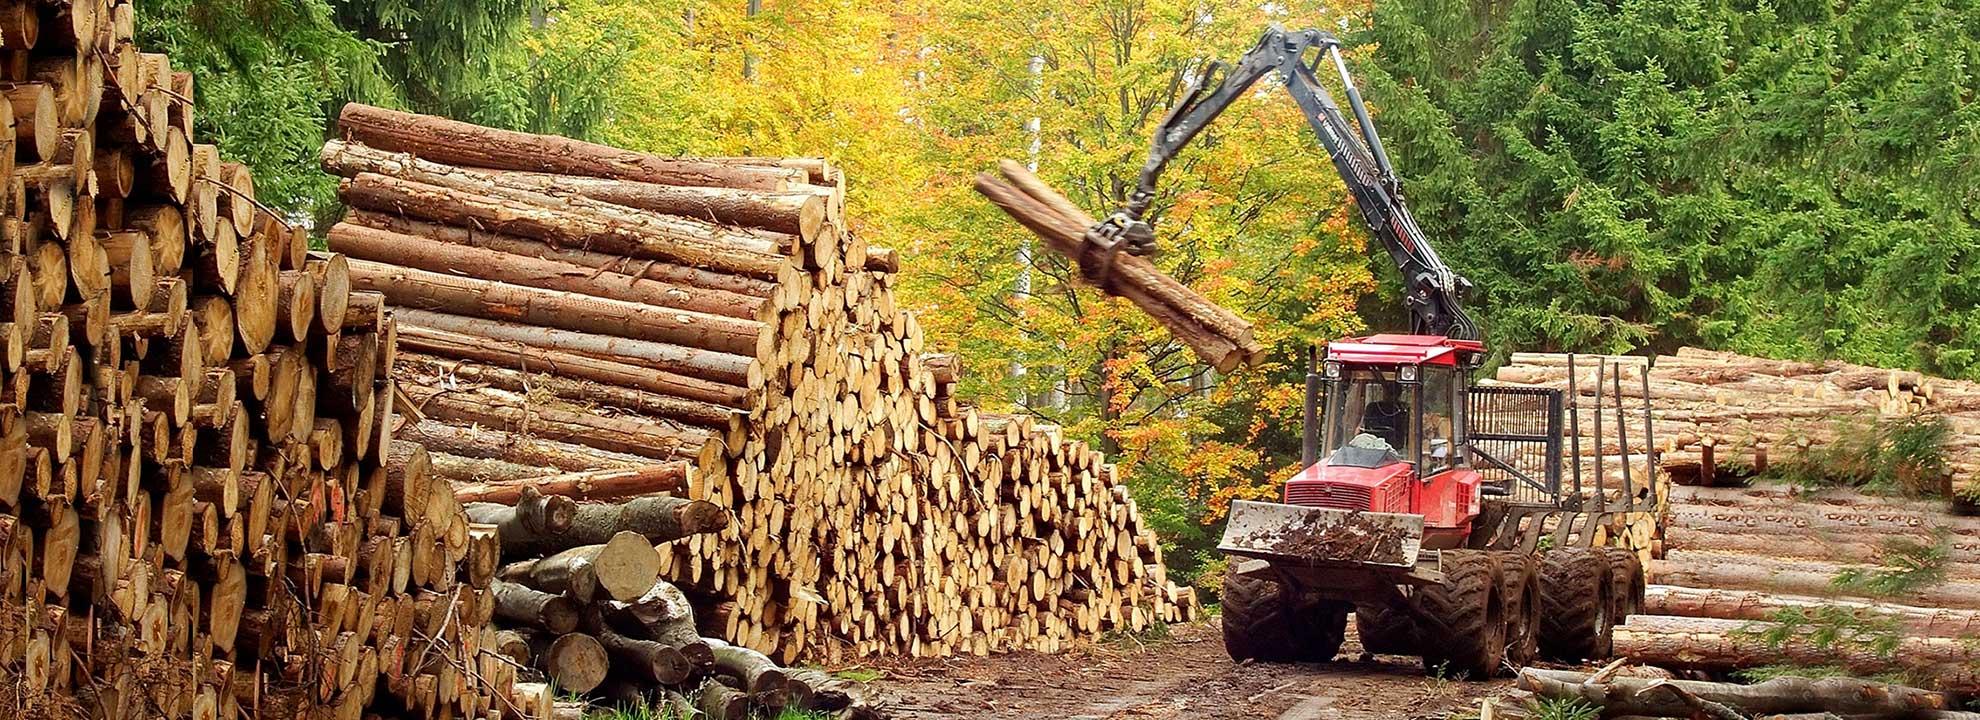 Rückewagen & Krane für die Forstwirtschaft